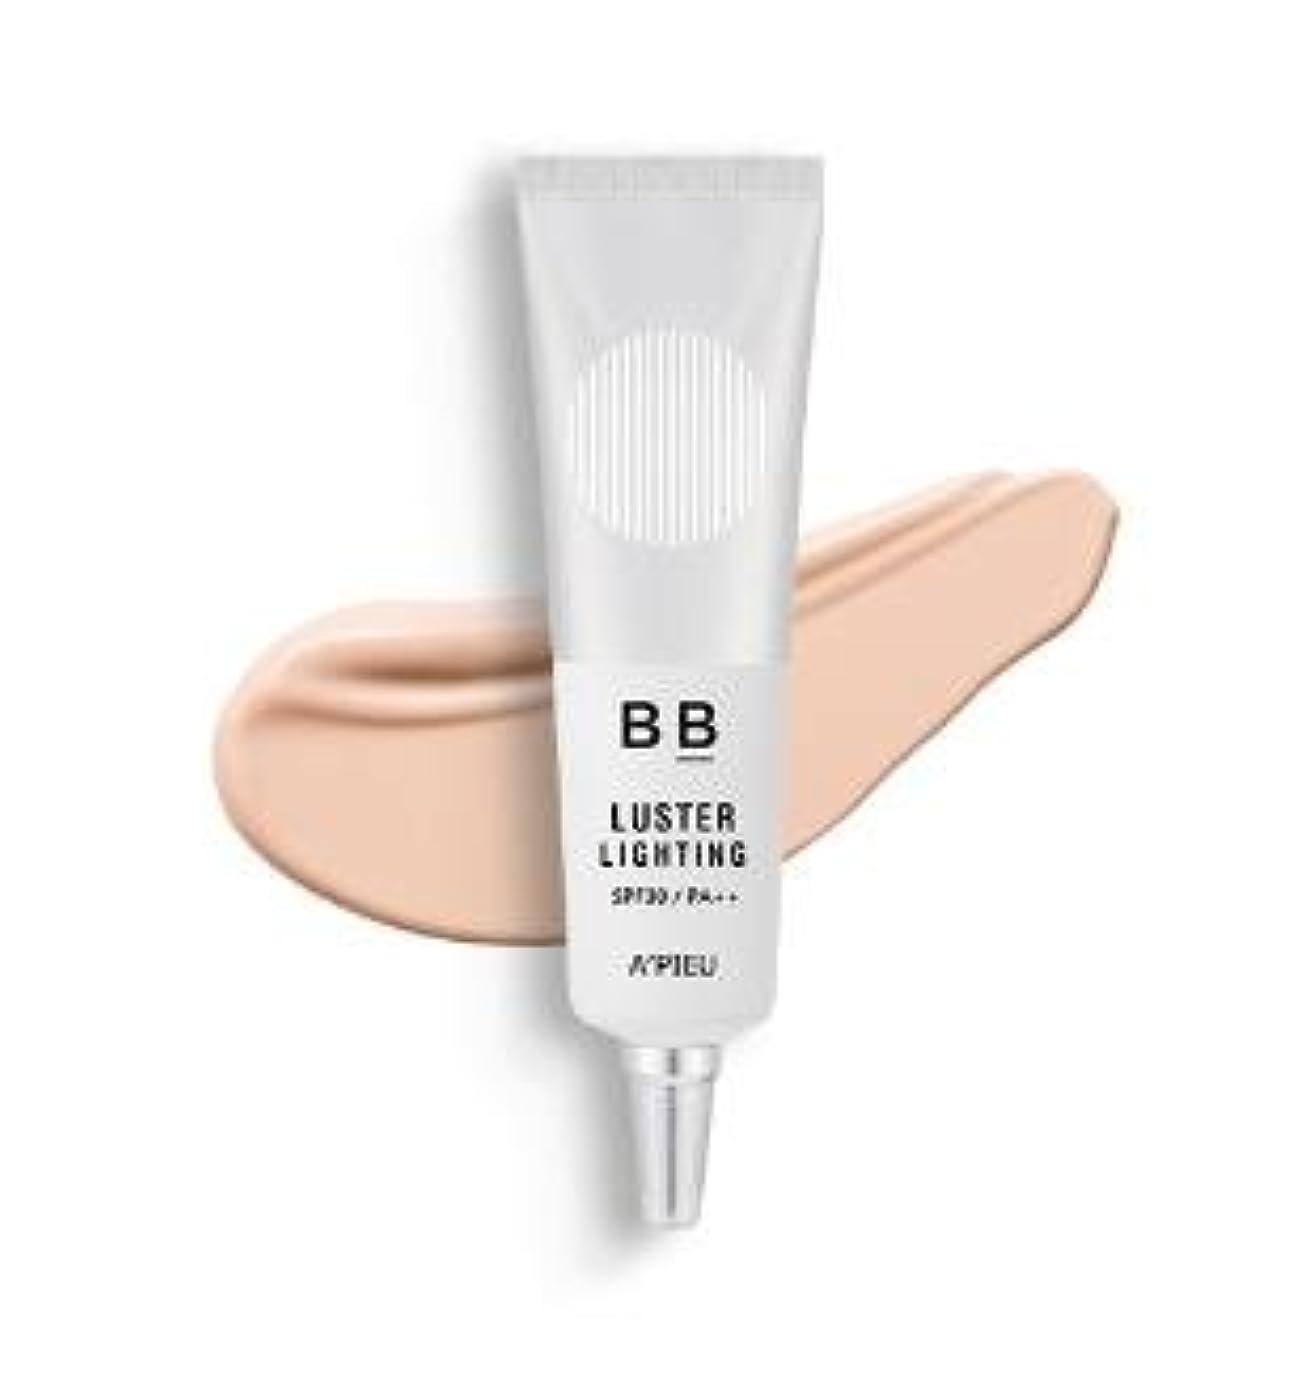 兵隊活力バスルームAPIEU Luster Lighting BB Cream No. 21 アピュ 潤光 BB クリーム20g [並行輸入品]